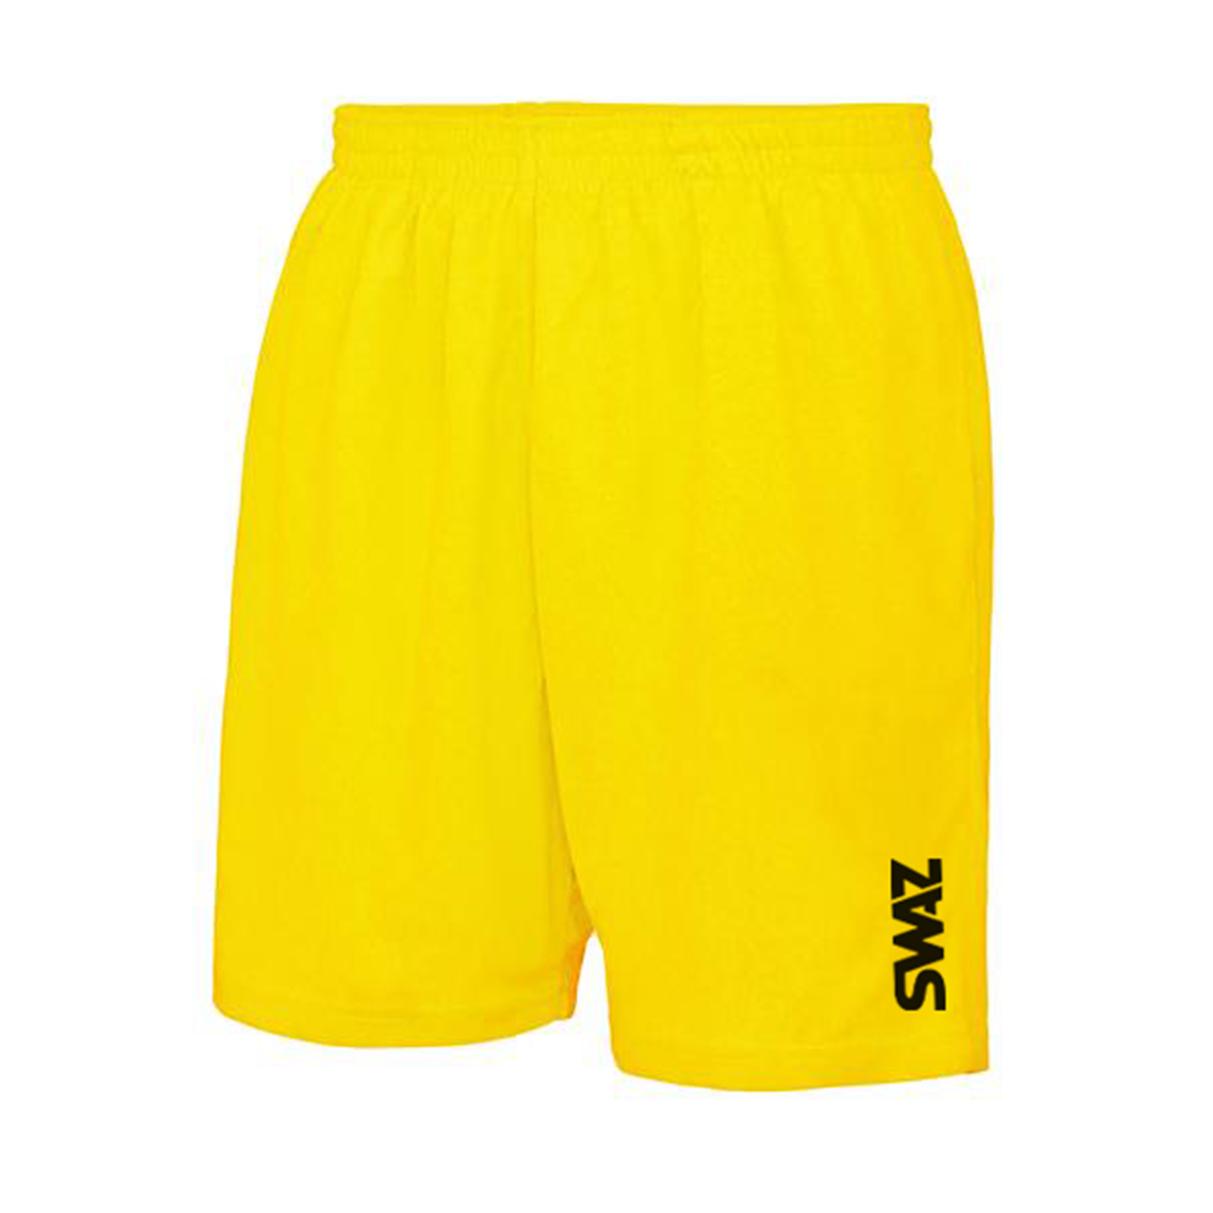 SWAZ Youth Training Shorts – Yellow